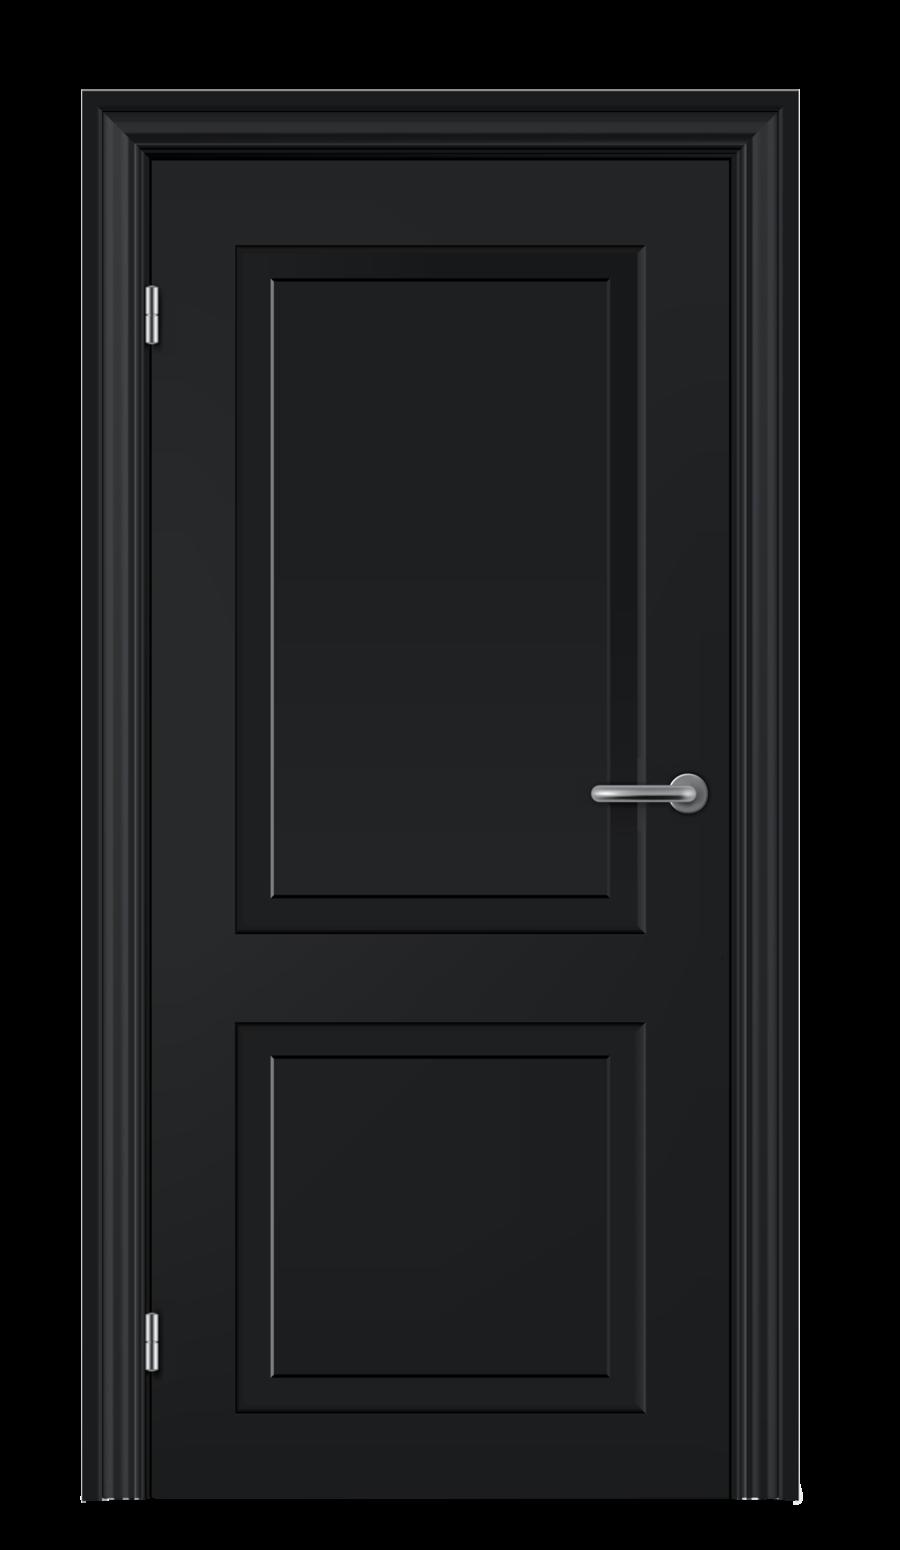 Modern Black door